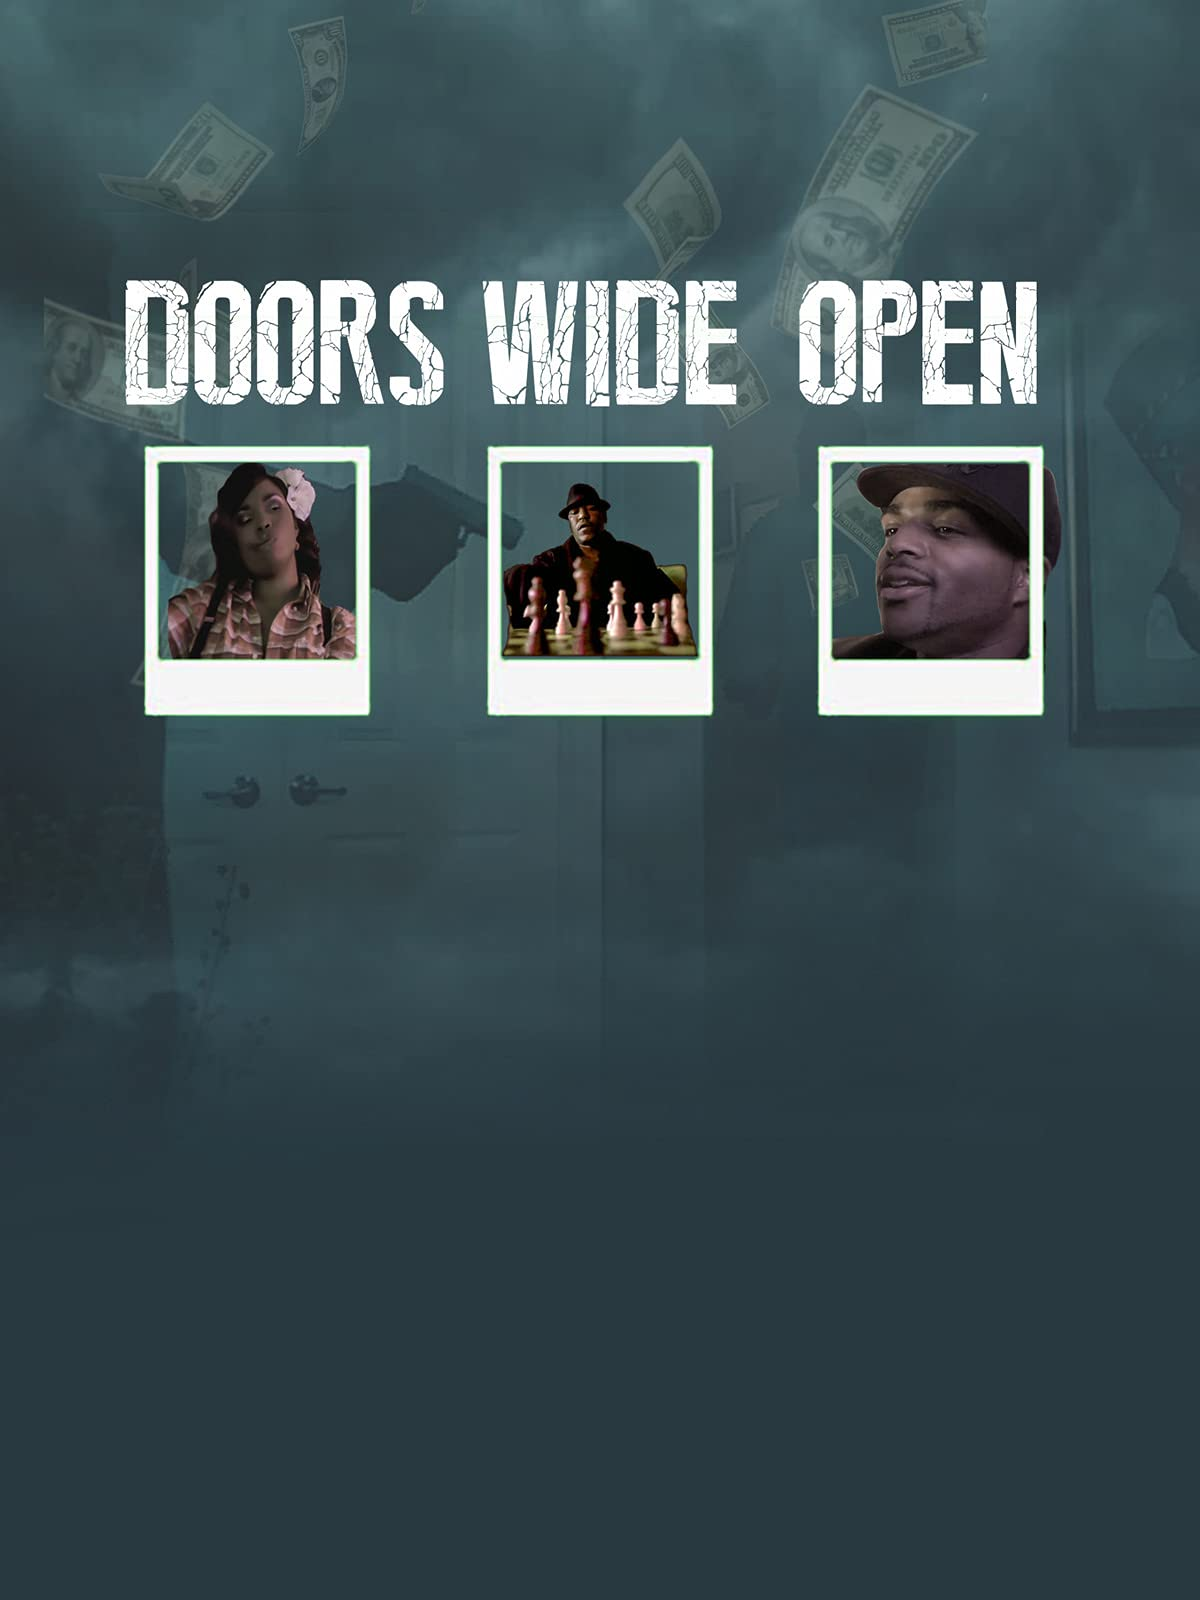 Doors Wide Open